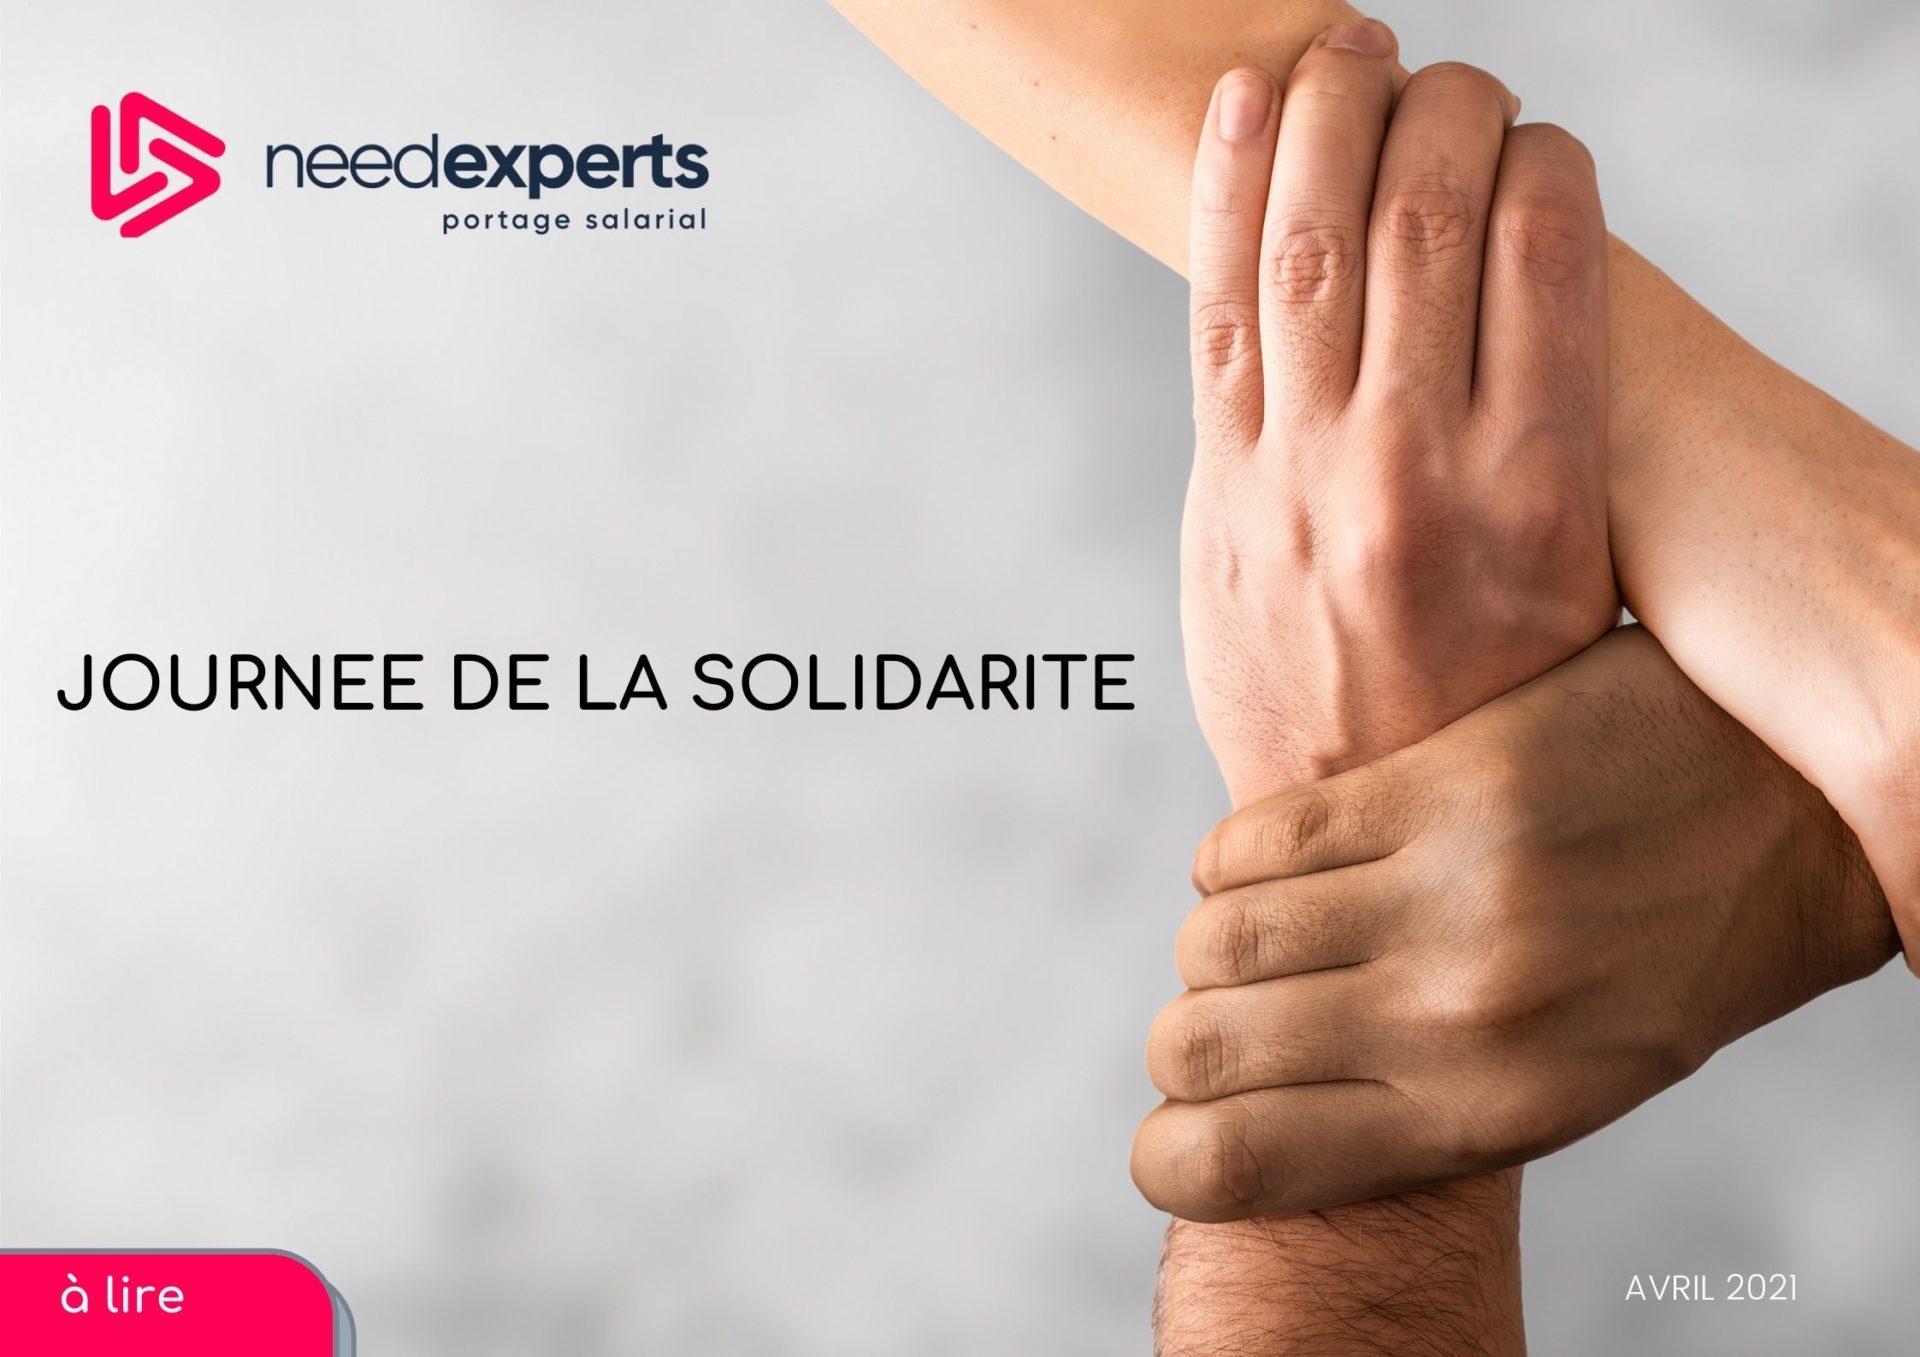 Journée de solidarité : que faut-il savoir ?